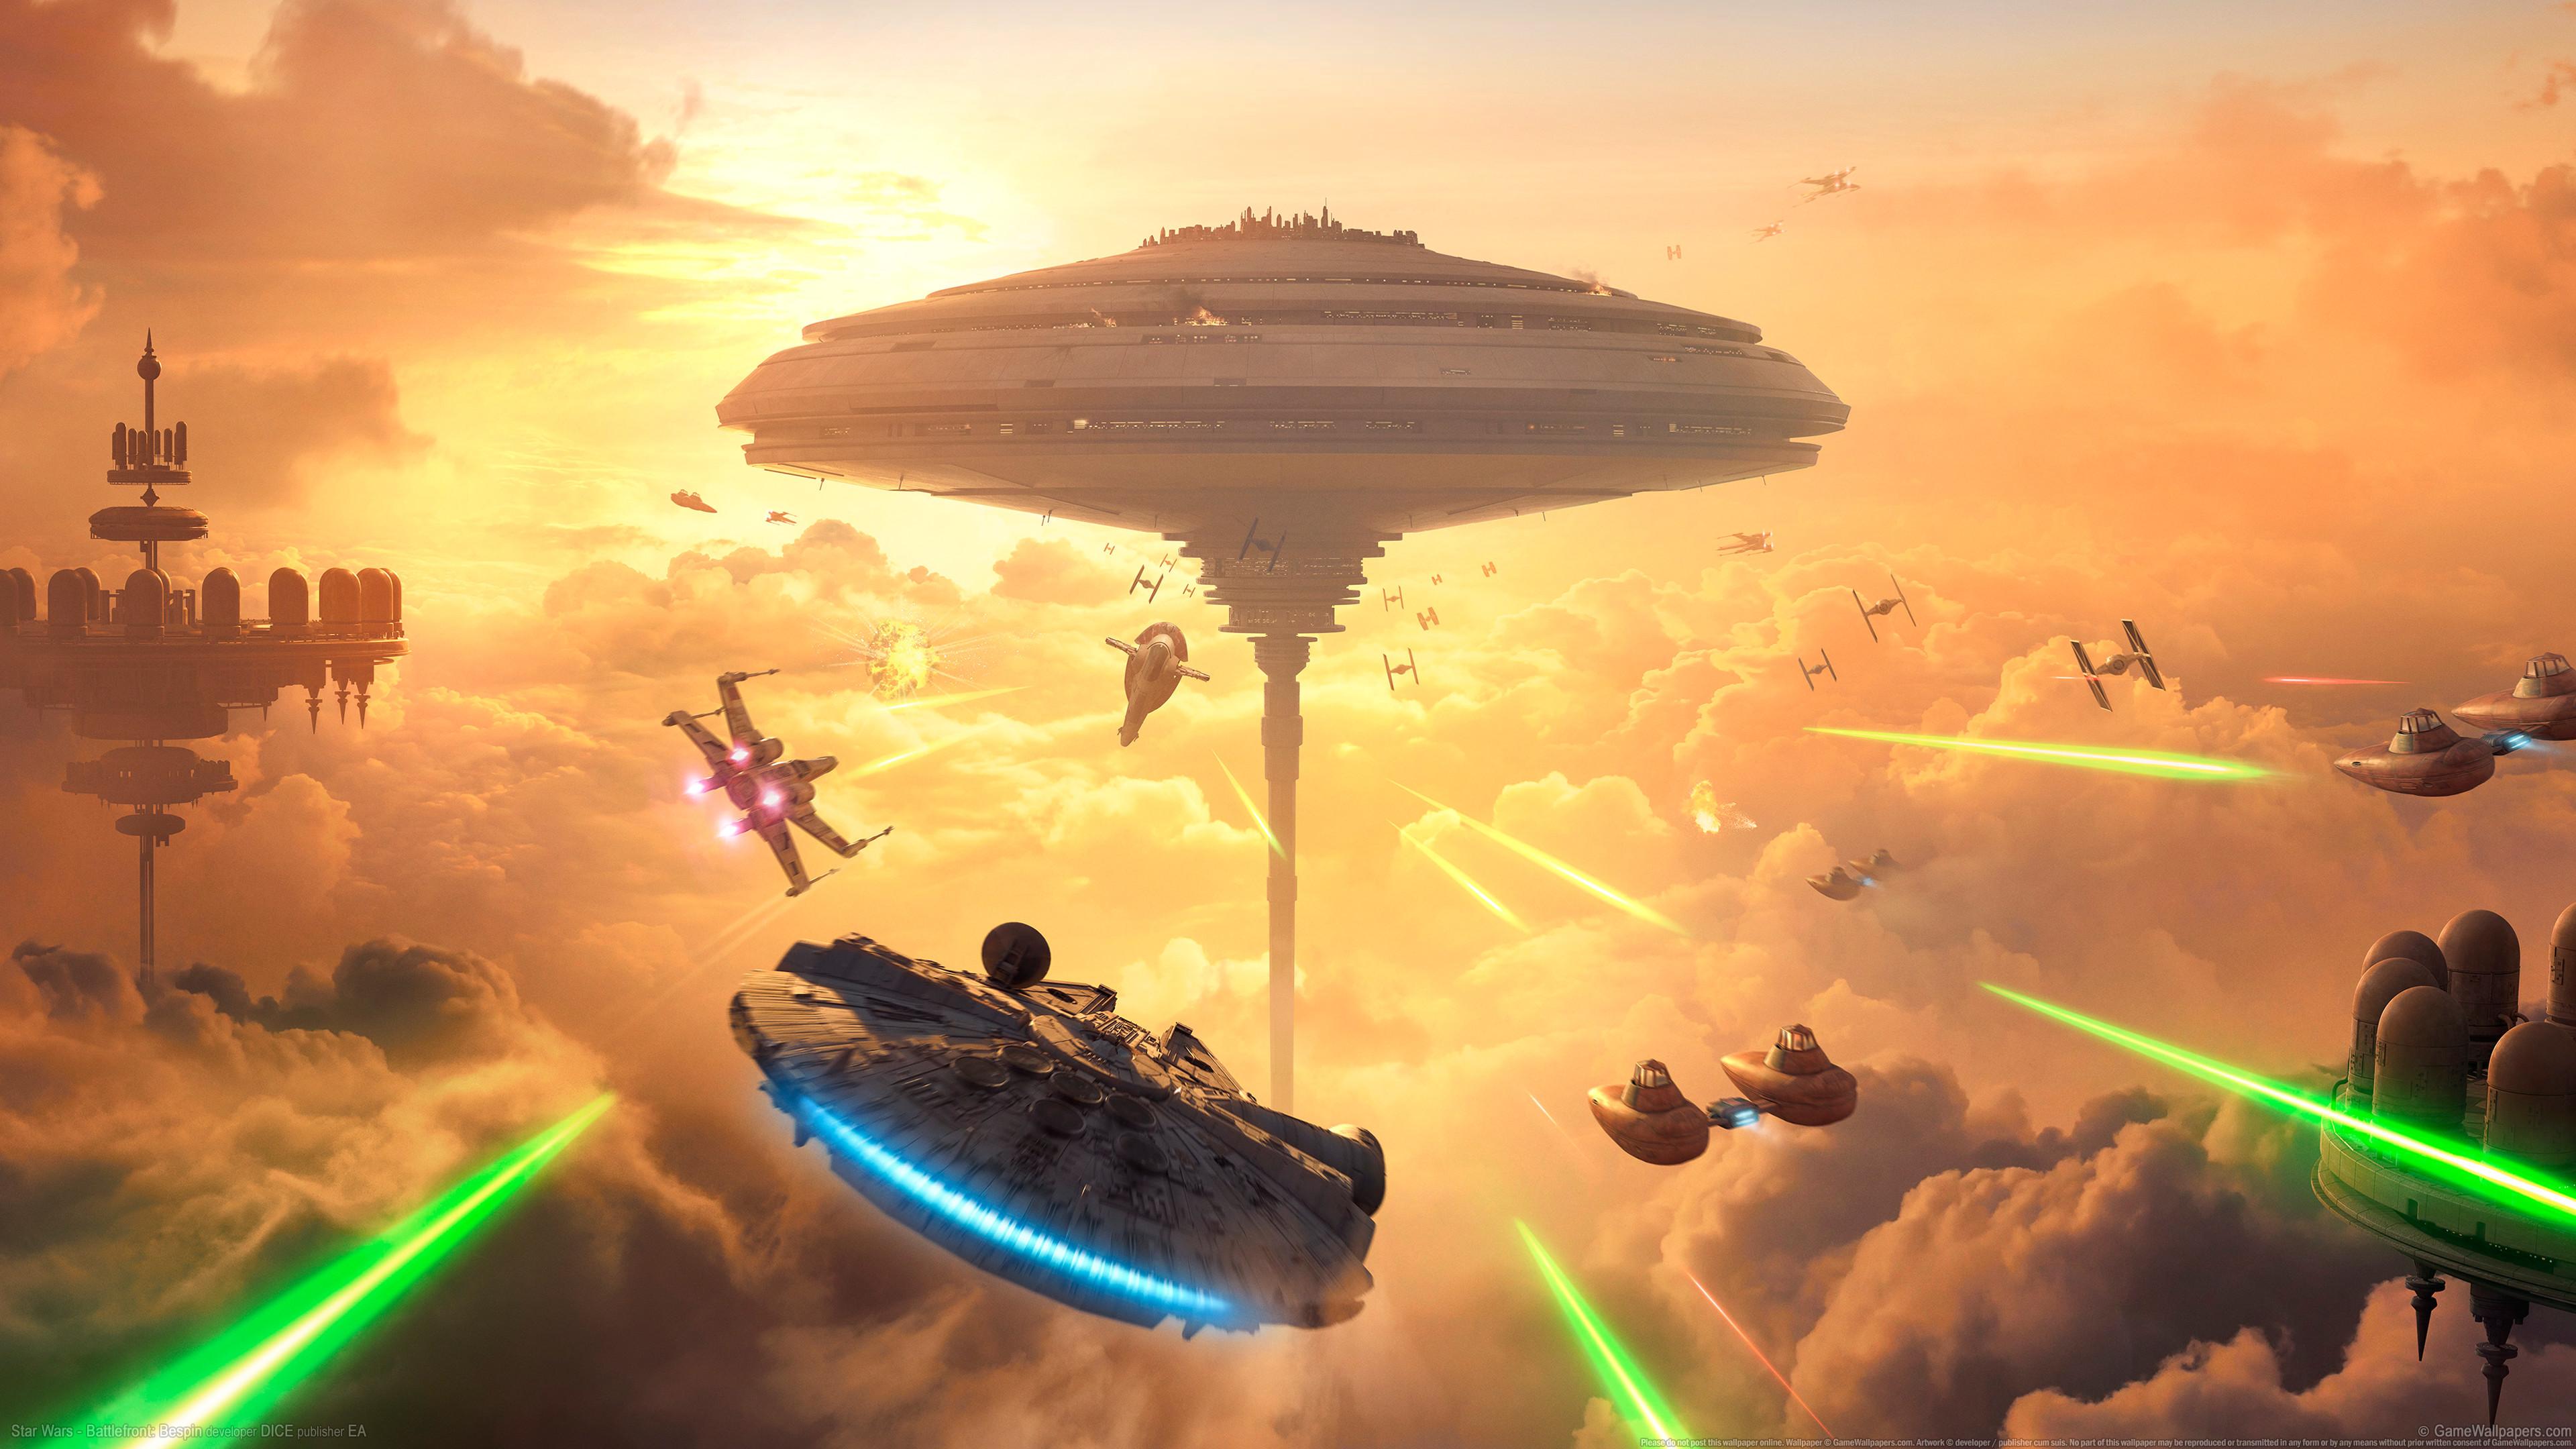 3840x2160 General Star Wars Star Wars Wallpaper Ultrawide 3840x2160 Wallpaper Teahub Io